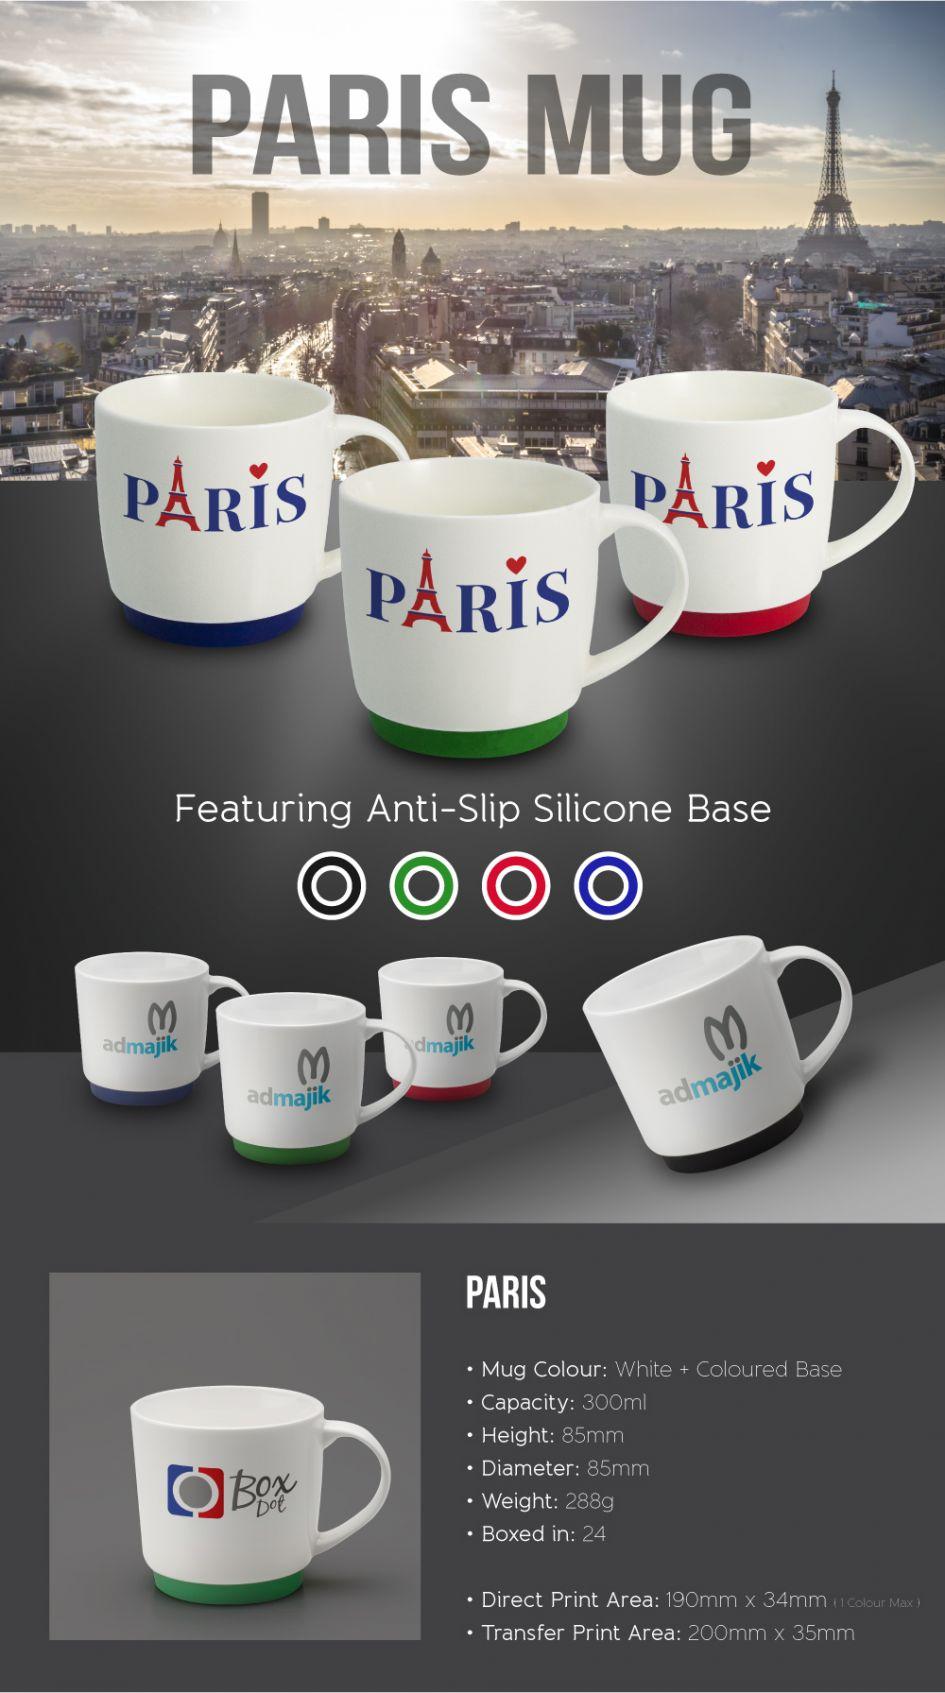 Printed Promotional Paris Mug E-Flyer